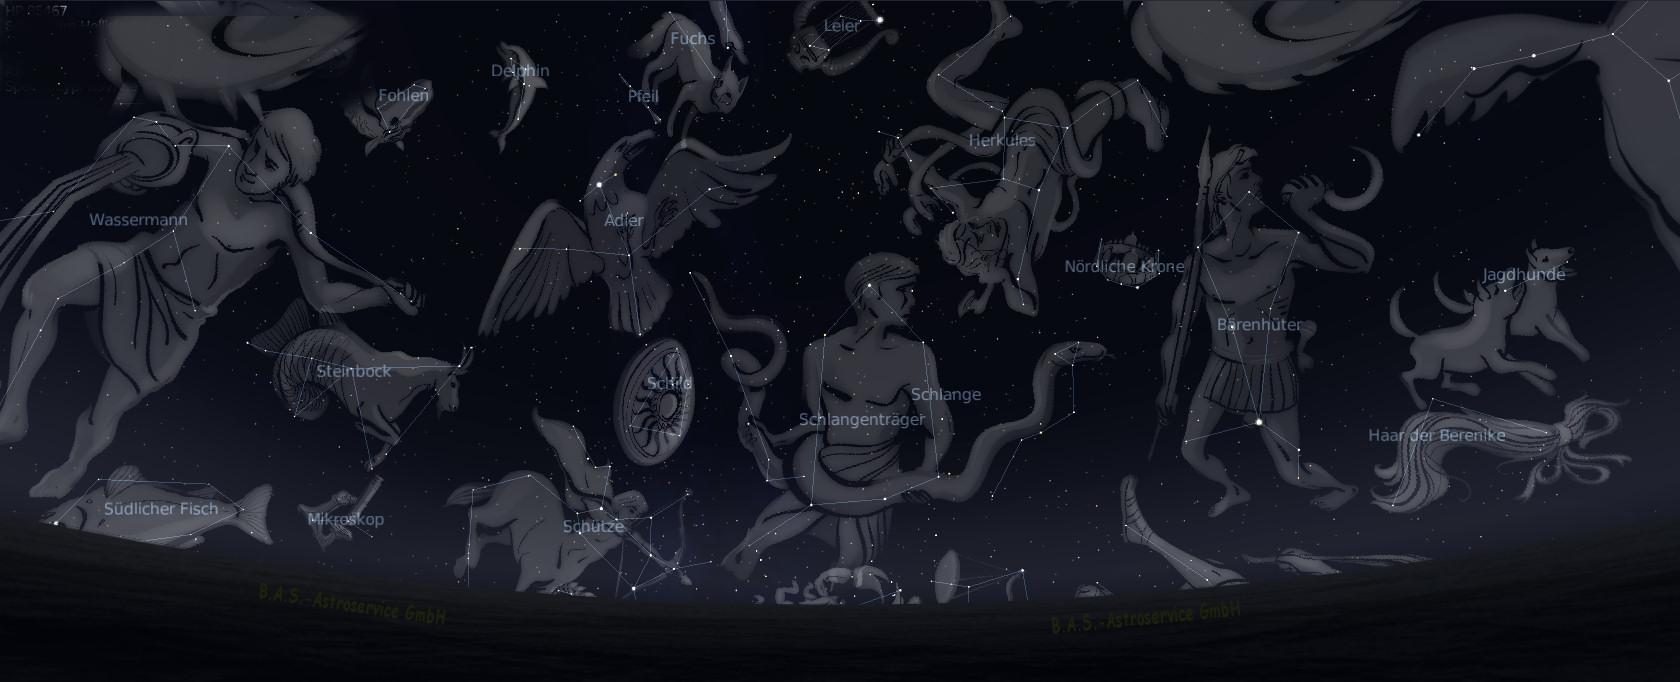 Sterne taufen und per Software beobachten